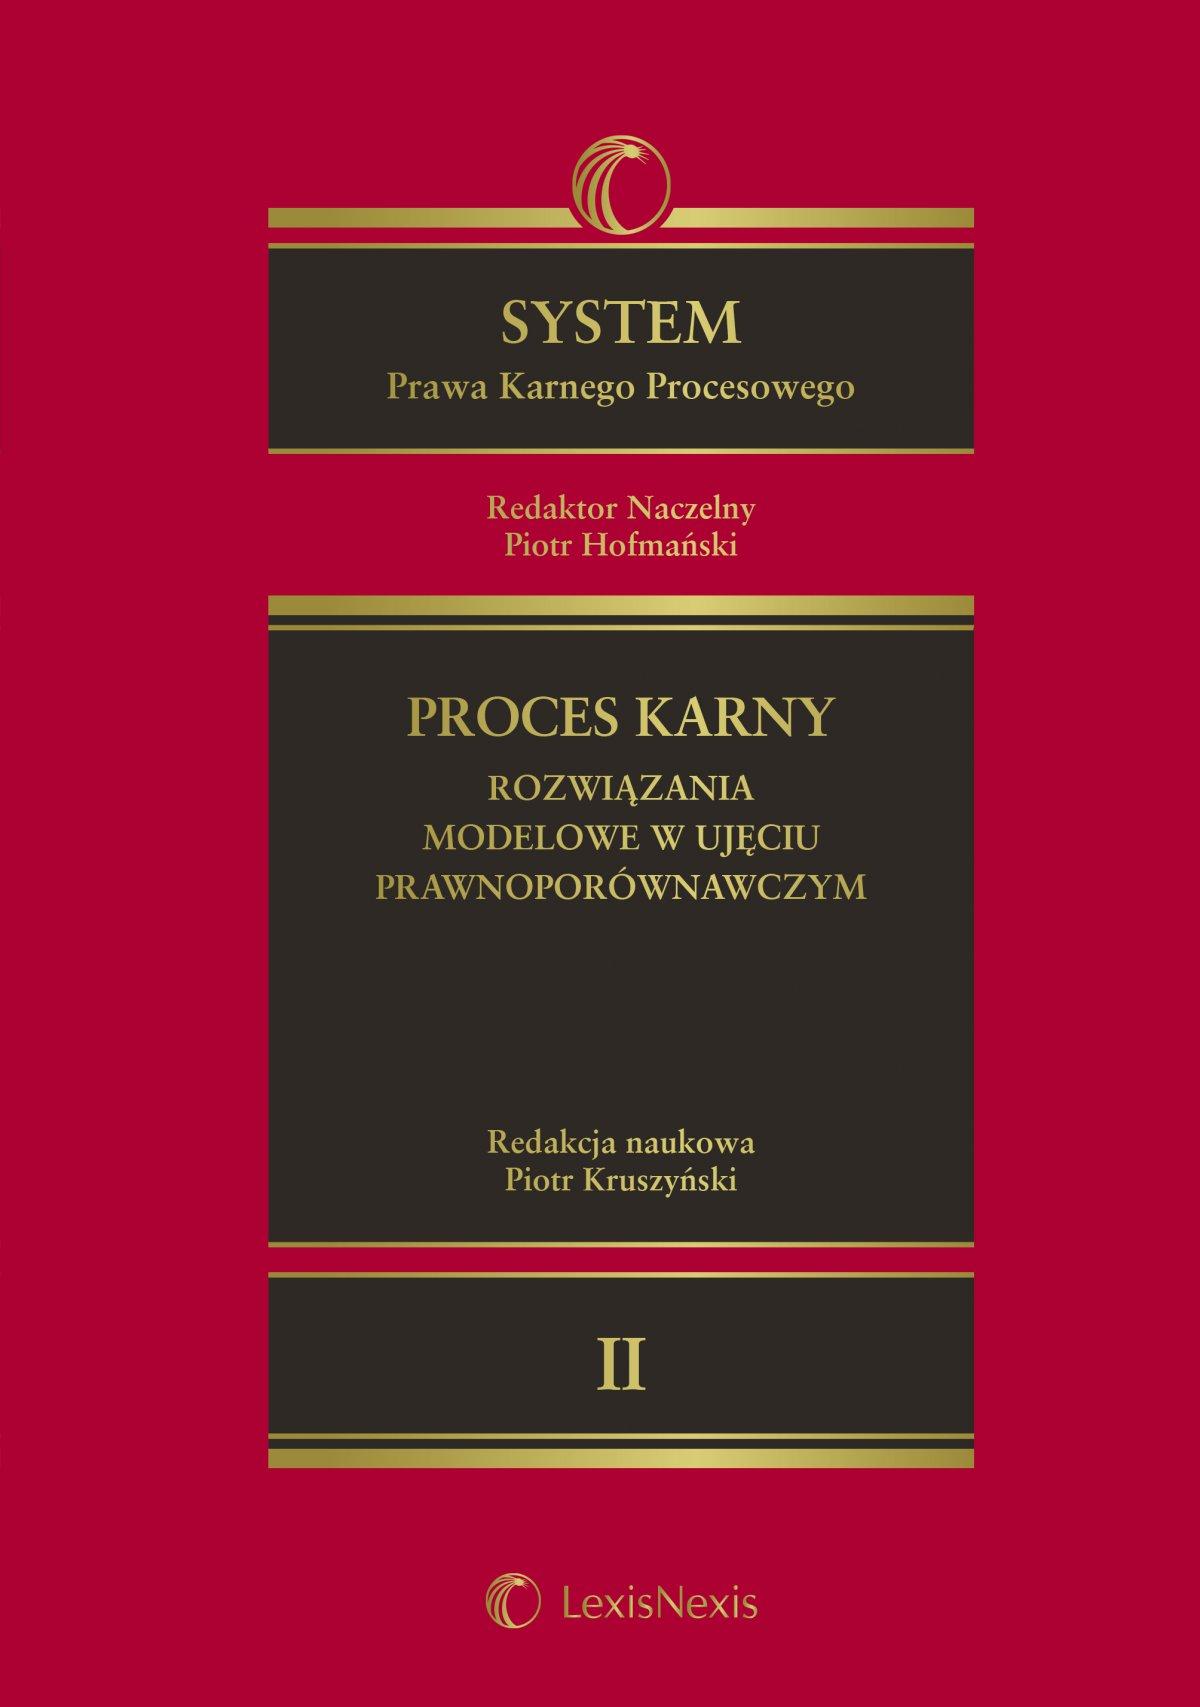 System Prawa Karnego Procesowego. Tom II. Proces karny. Rozwiązania modelowe w ujęciu prawnoporównawczym. Wydanie 1 - Ebook (Książka EPUB) do pobrania w formacie EPUB